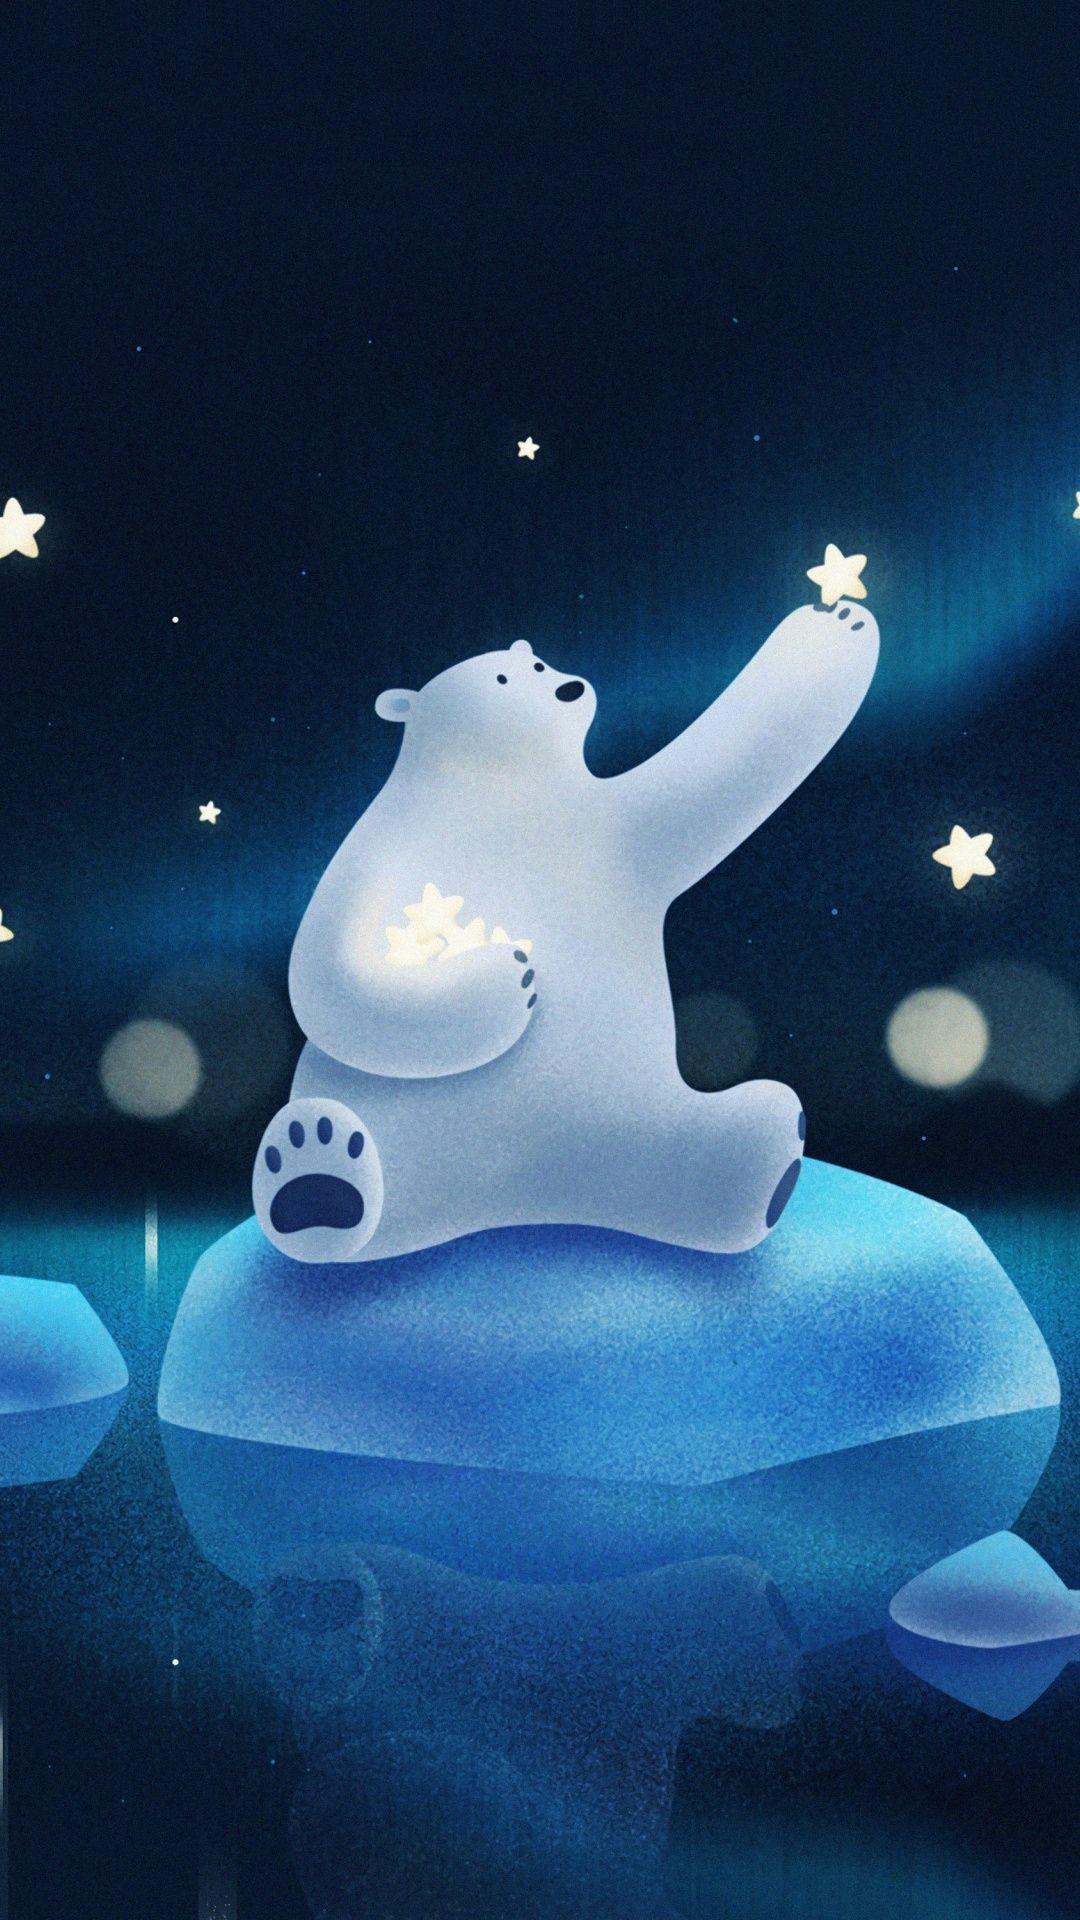 Illustration, white, polar, bear, artwork, star, snowfall